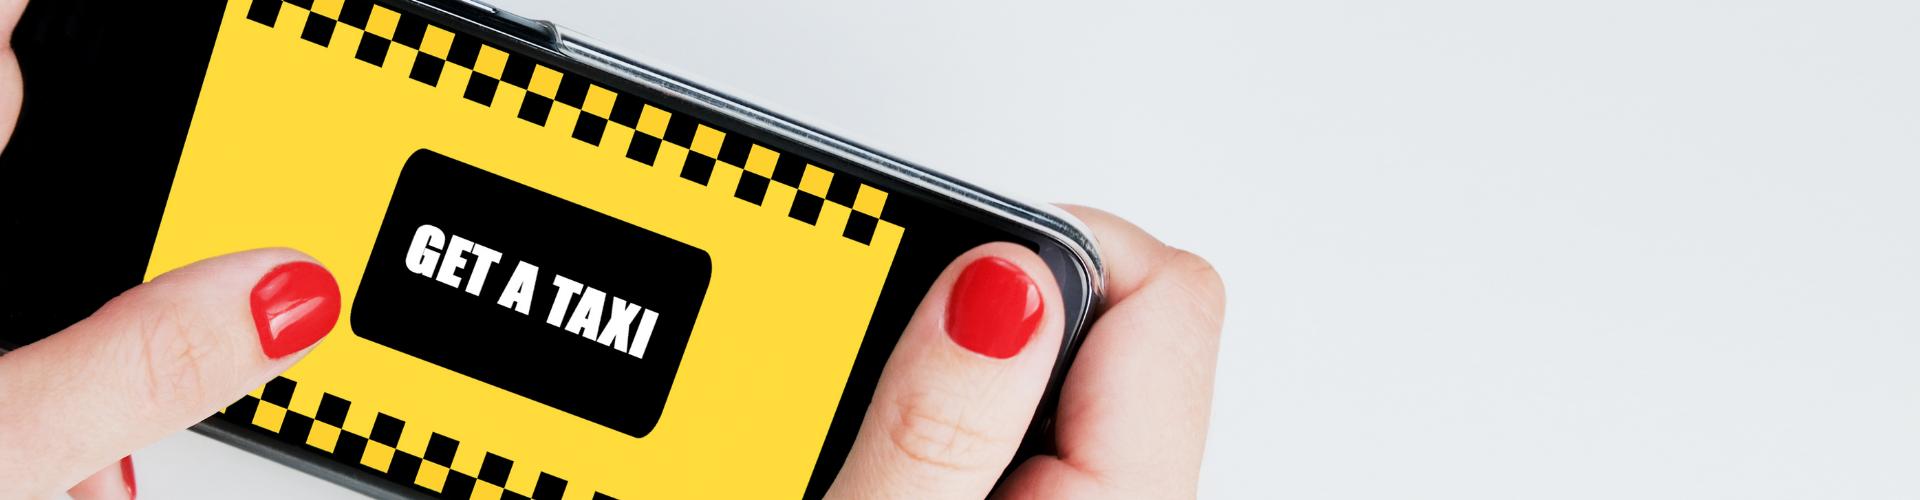 Vrouw bestelt een taxi online via telefoon